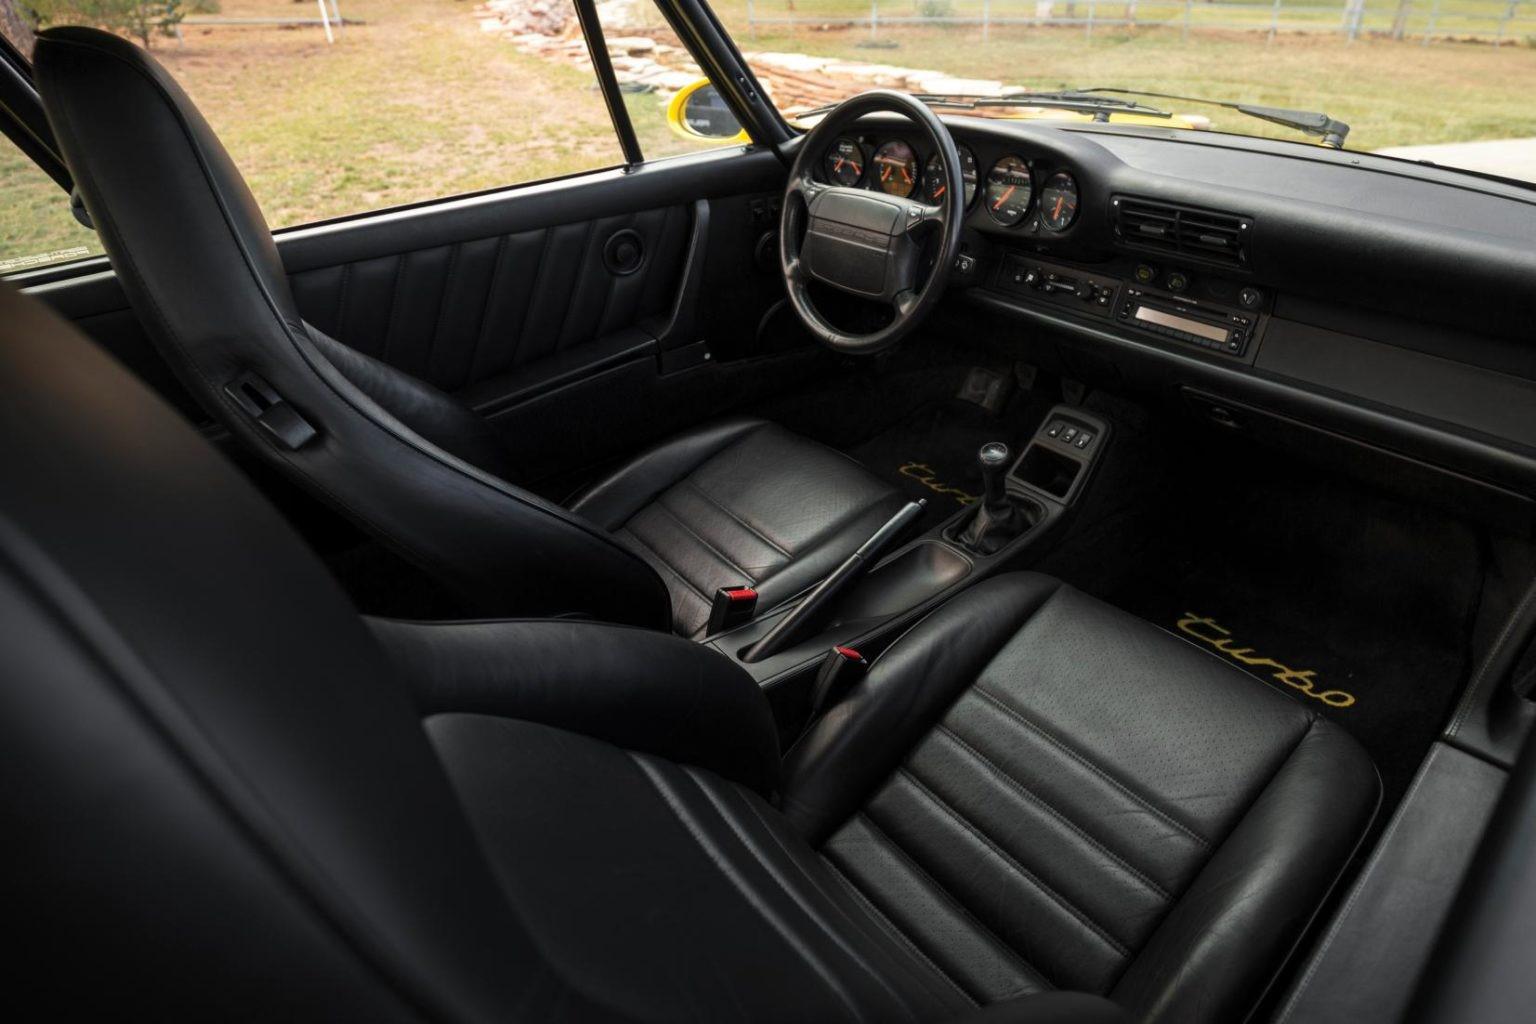 bienvenue-a-bord-de-la-911-turbo-des-annees-70-a-nos-jours-1276-2.jpg